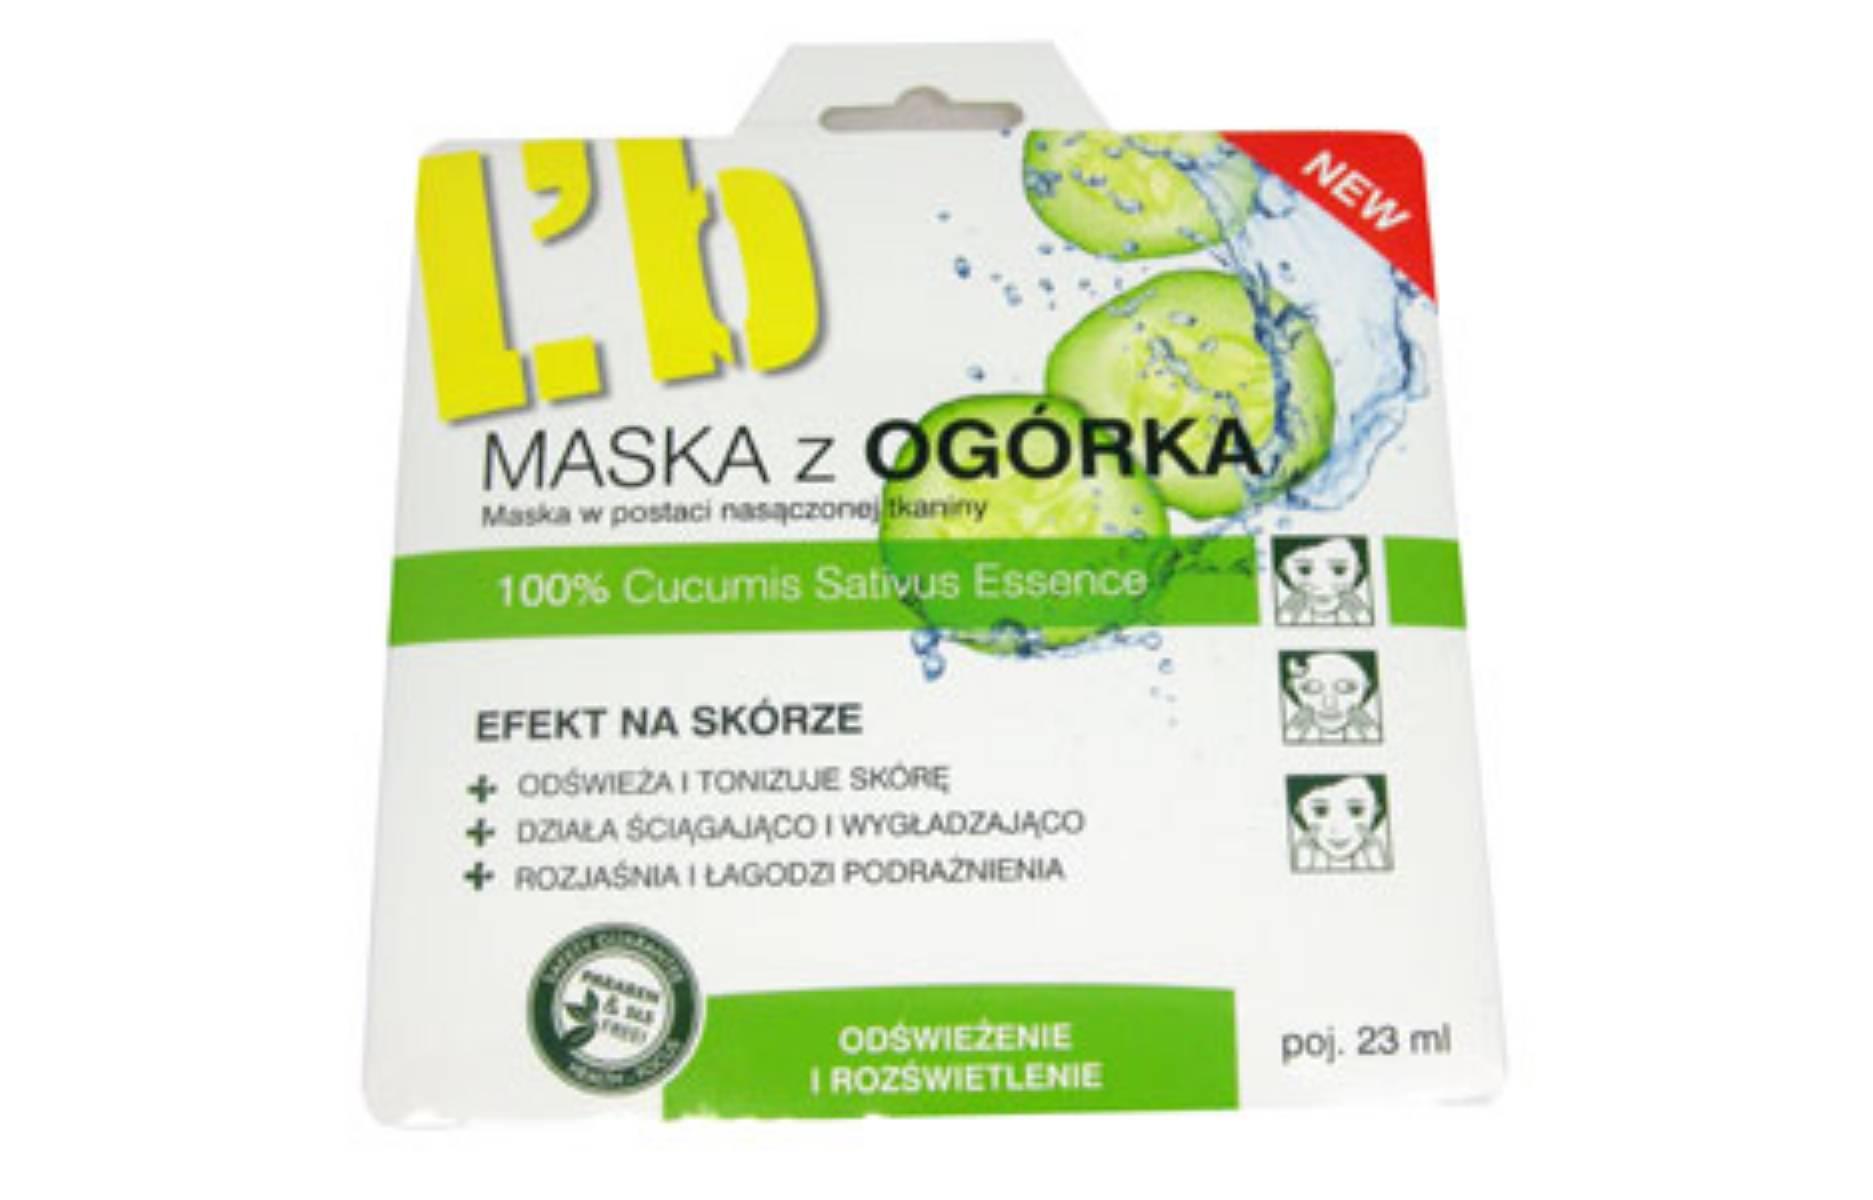 Maska z ogorka L'biotica